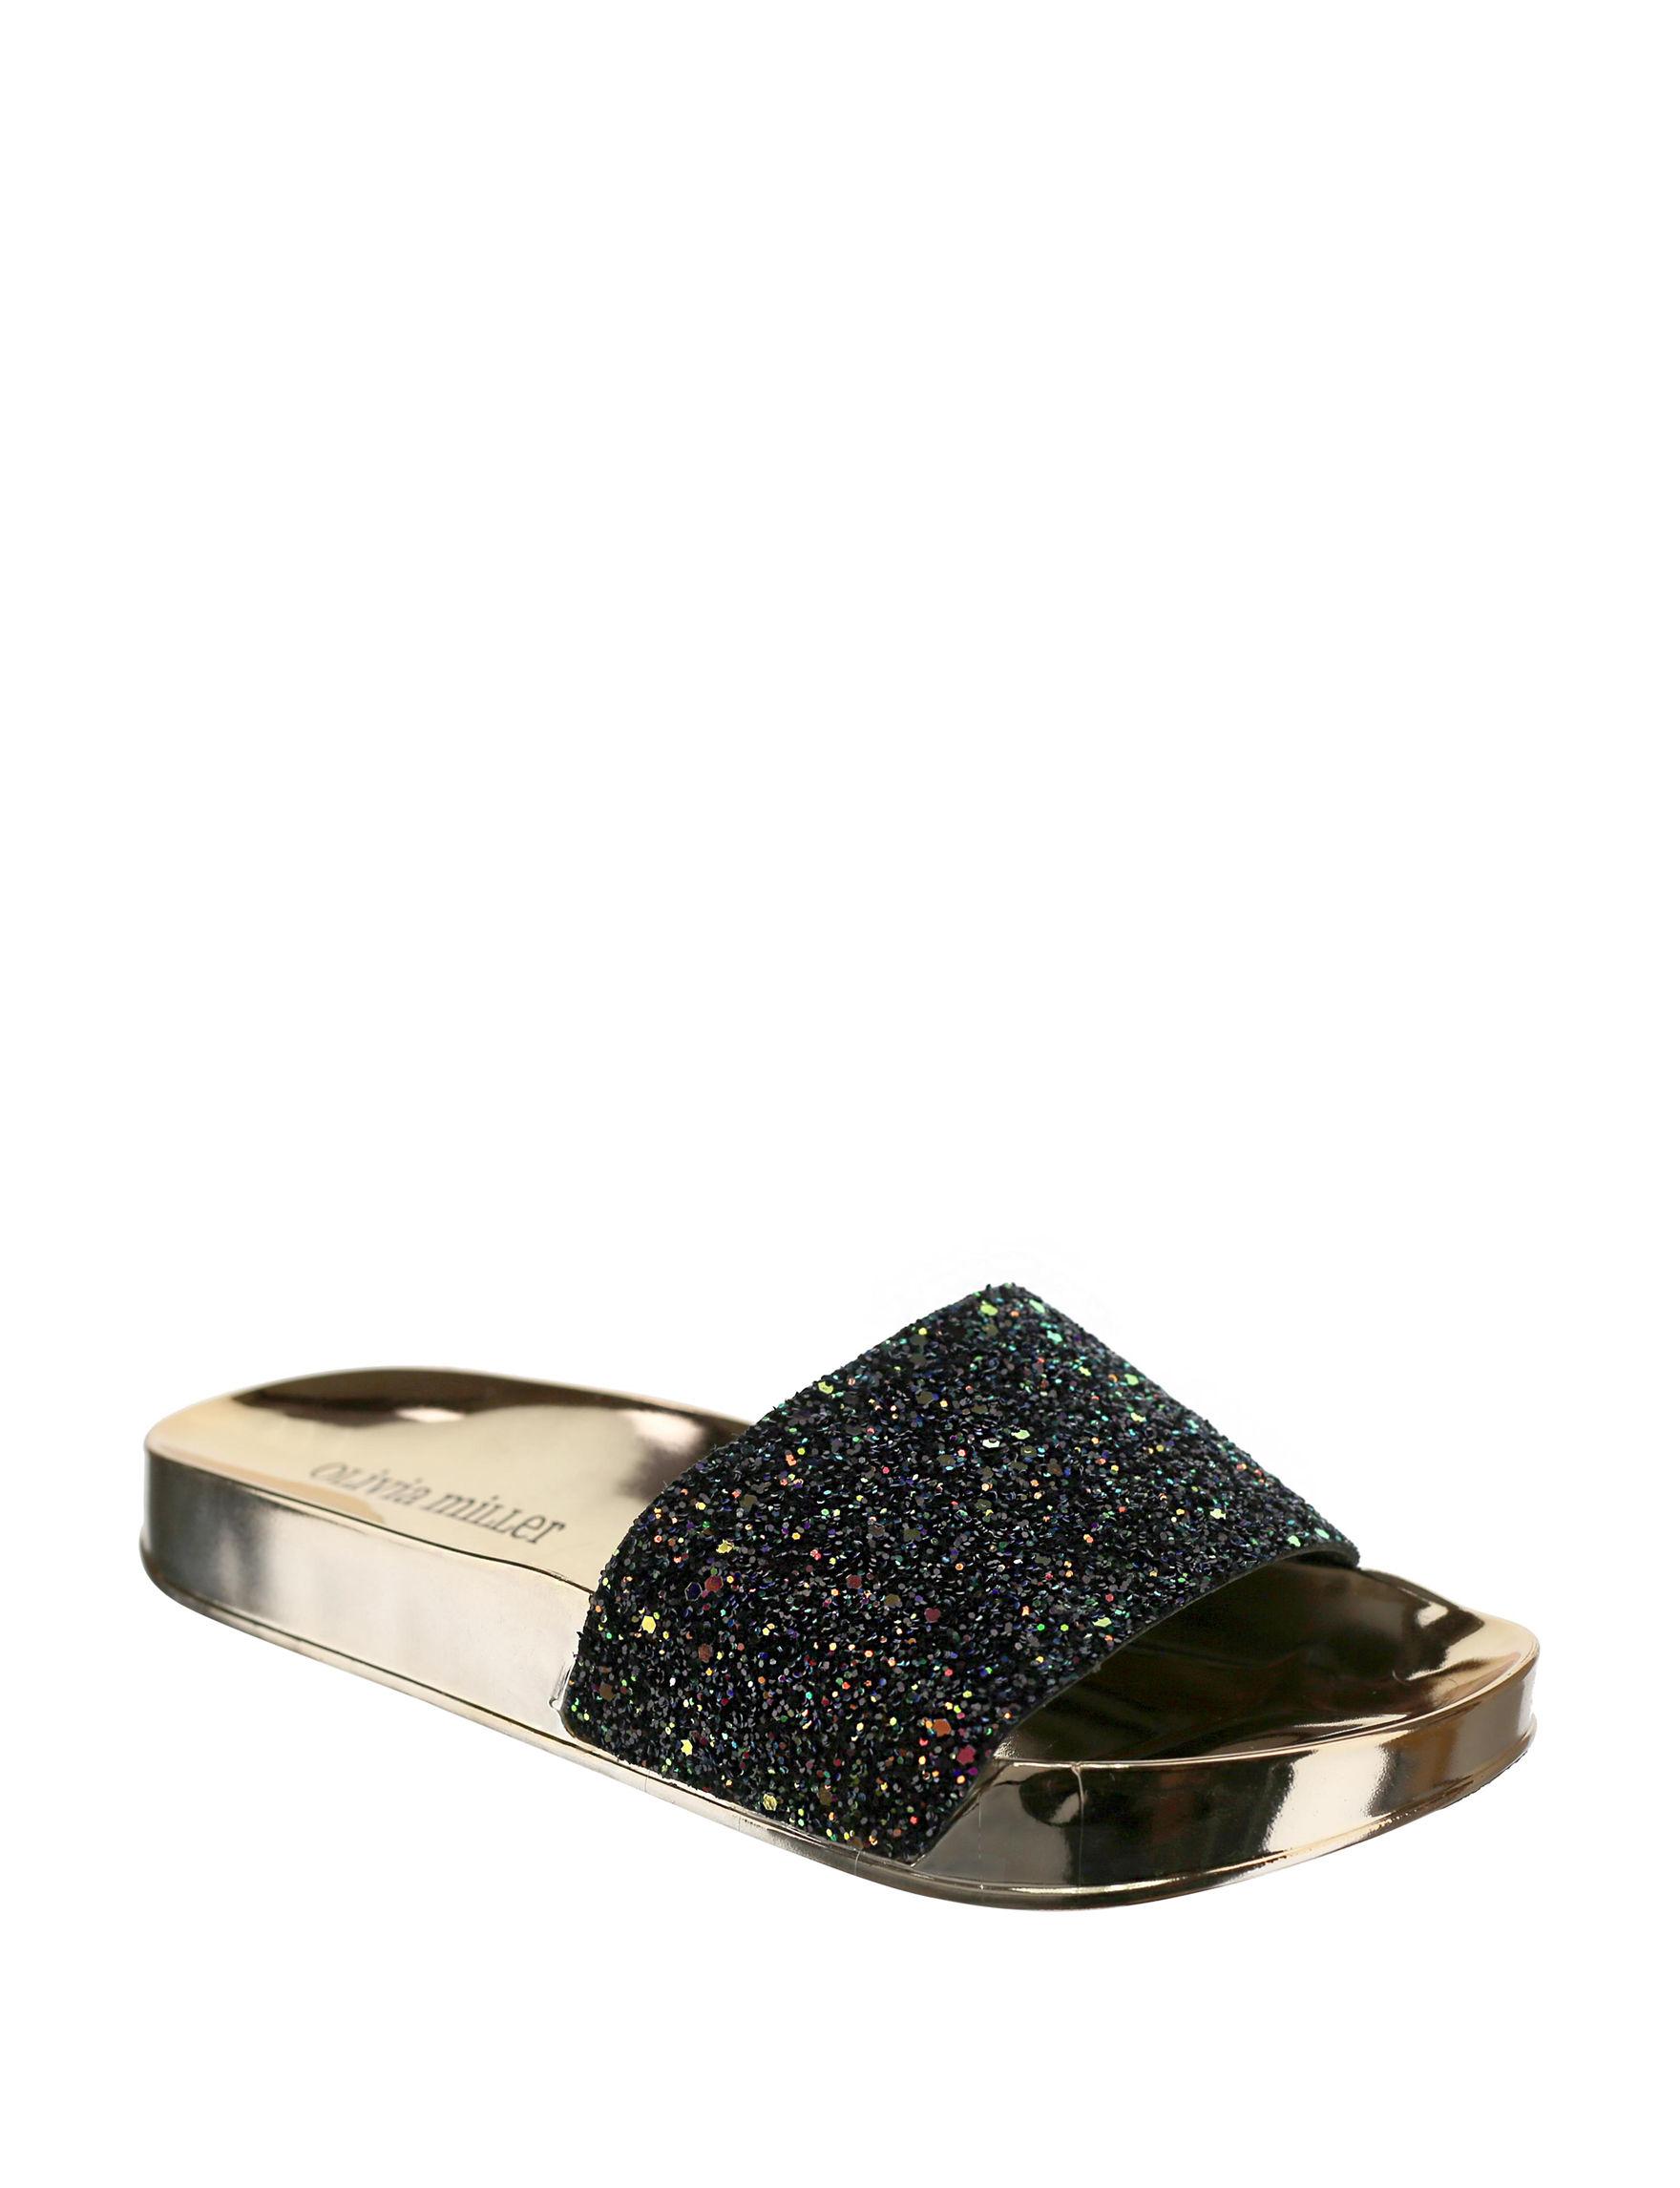 Olivia Miller Black Slide Sandals